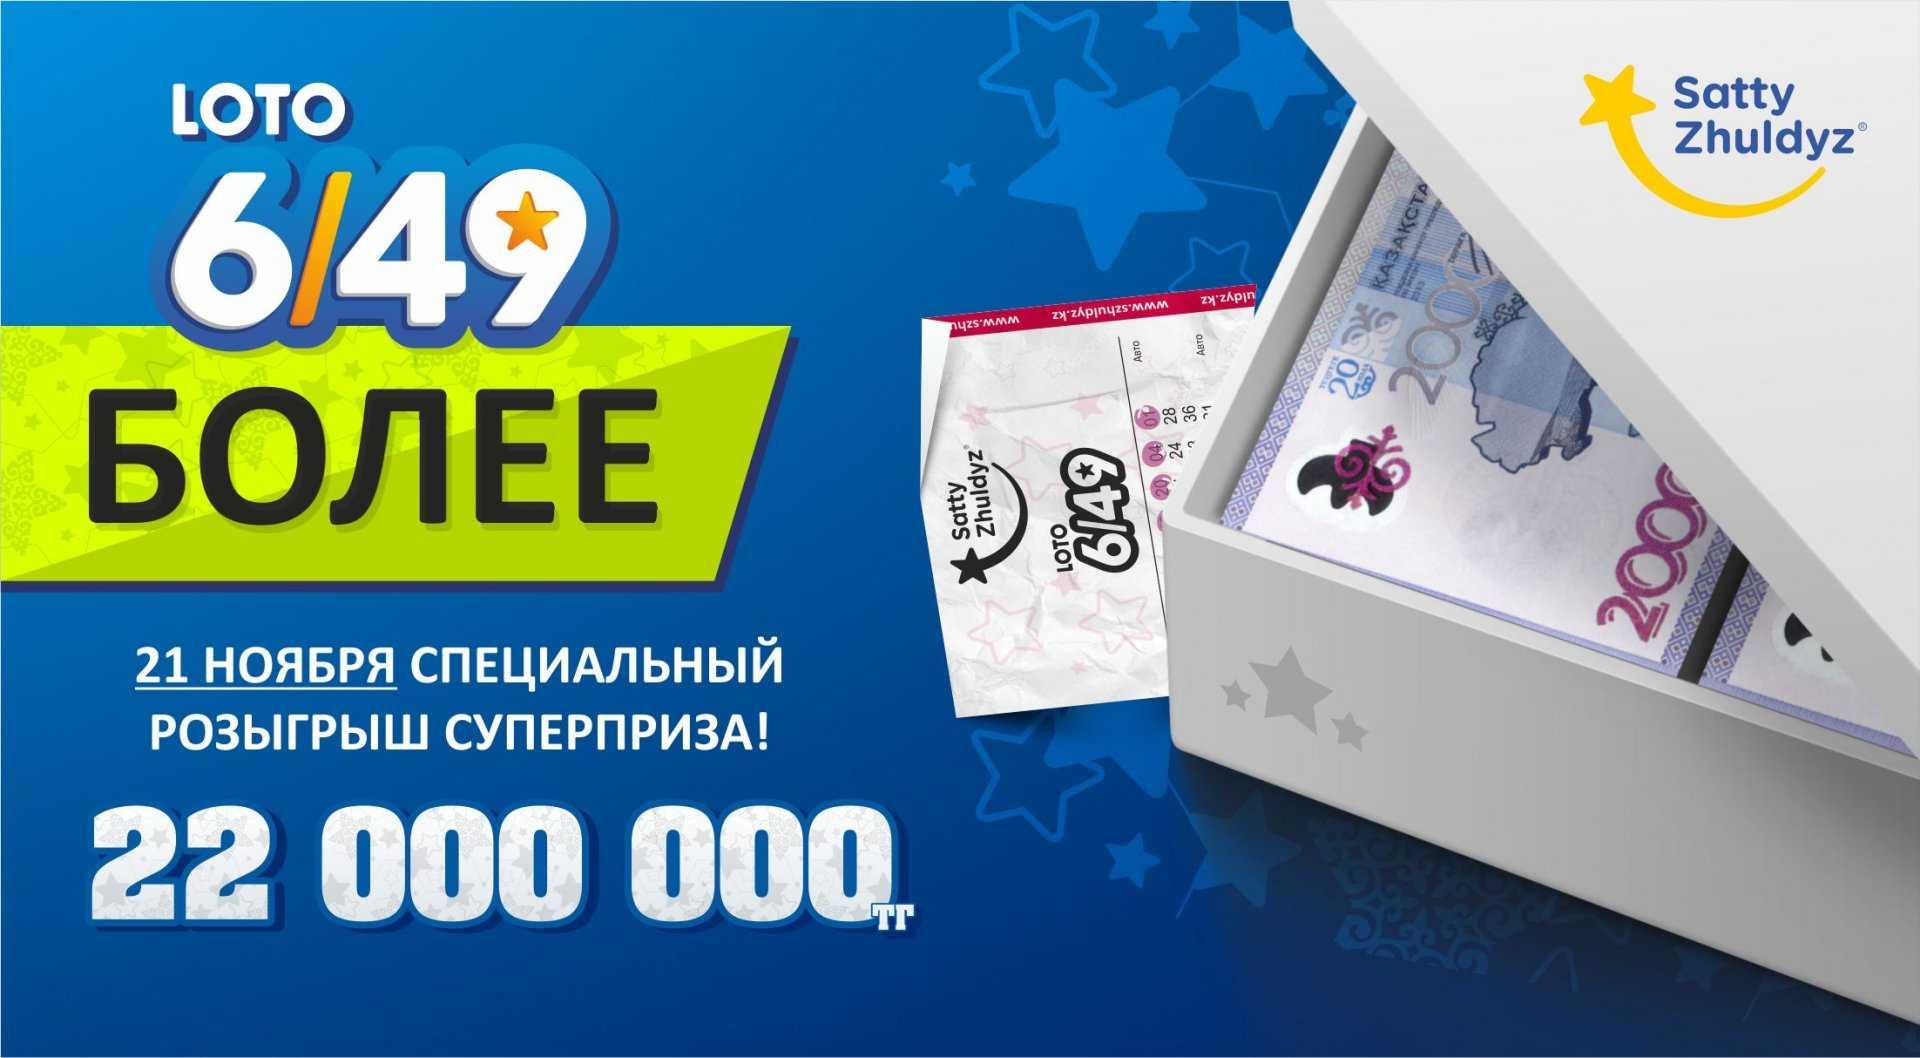 Køb en telebingo- eller loto-billet 6/49 via sms